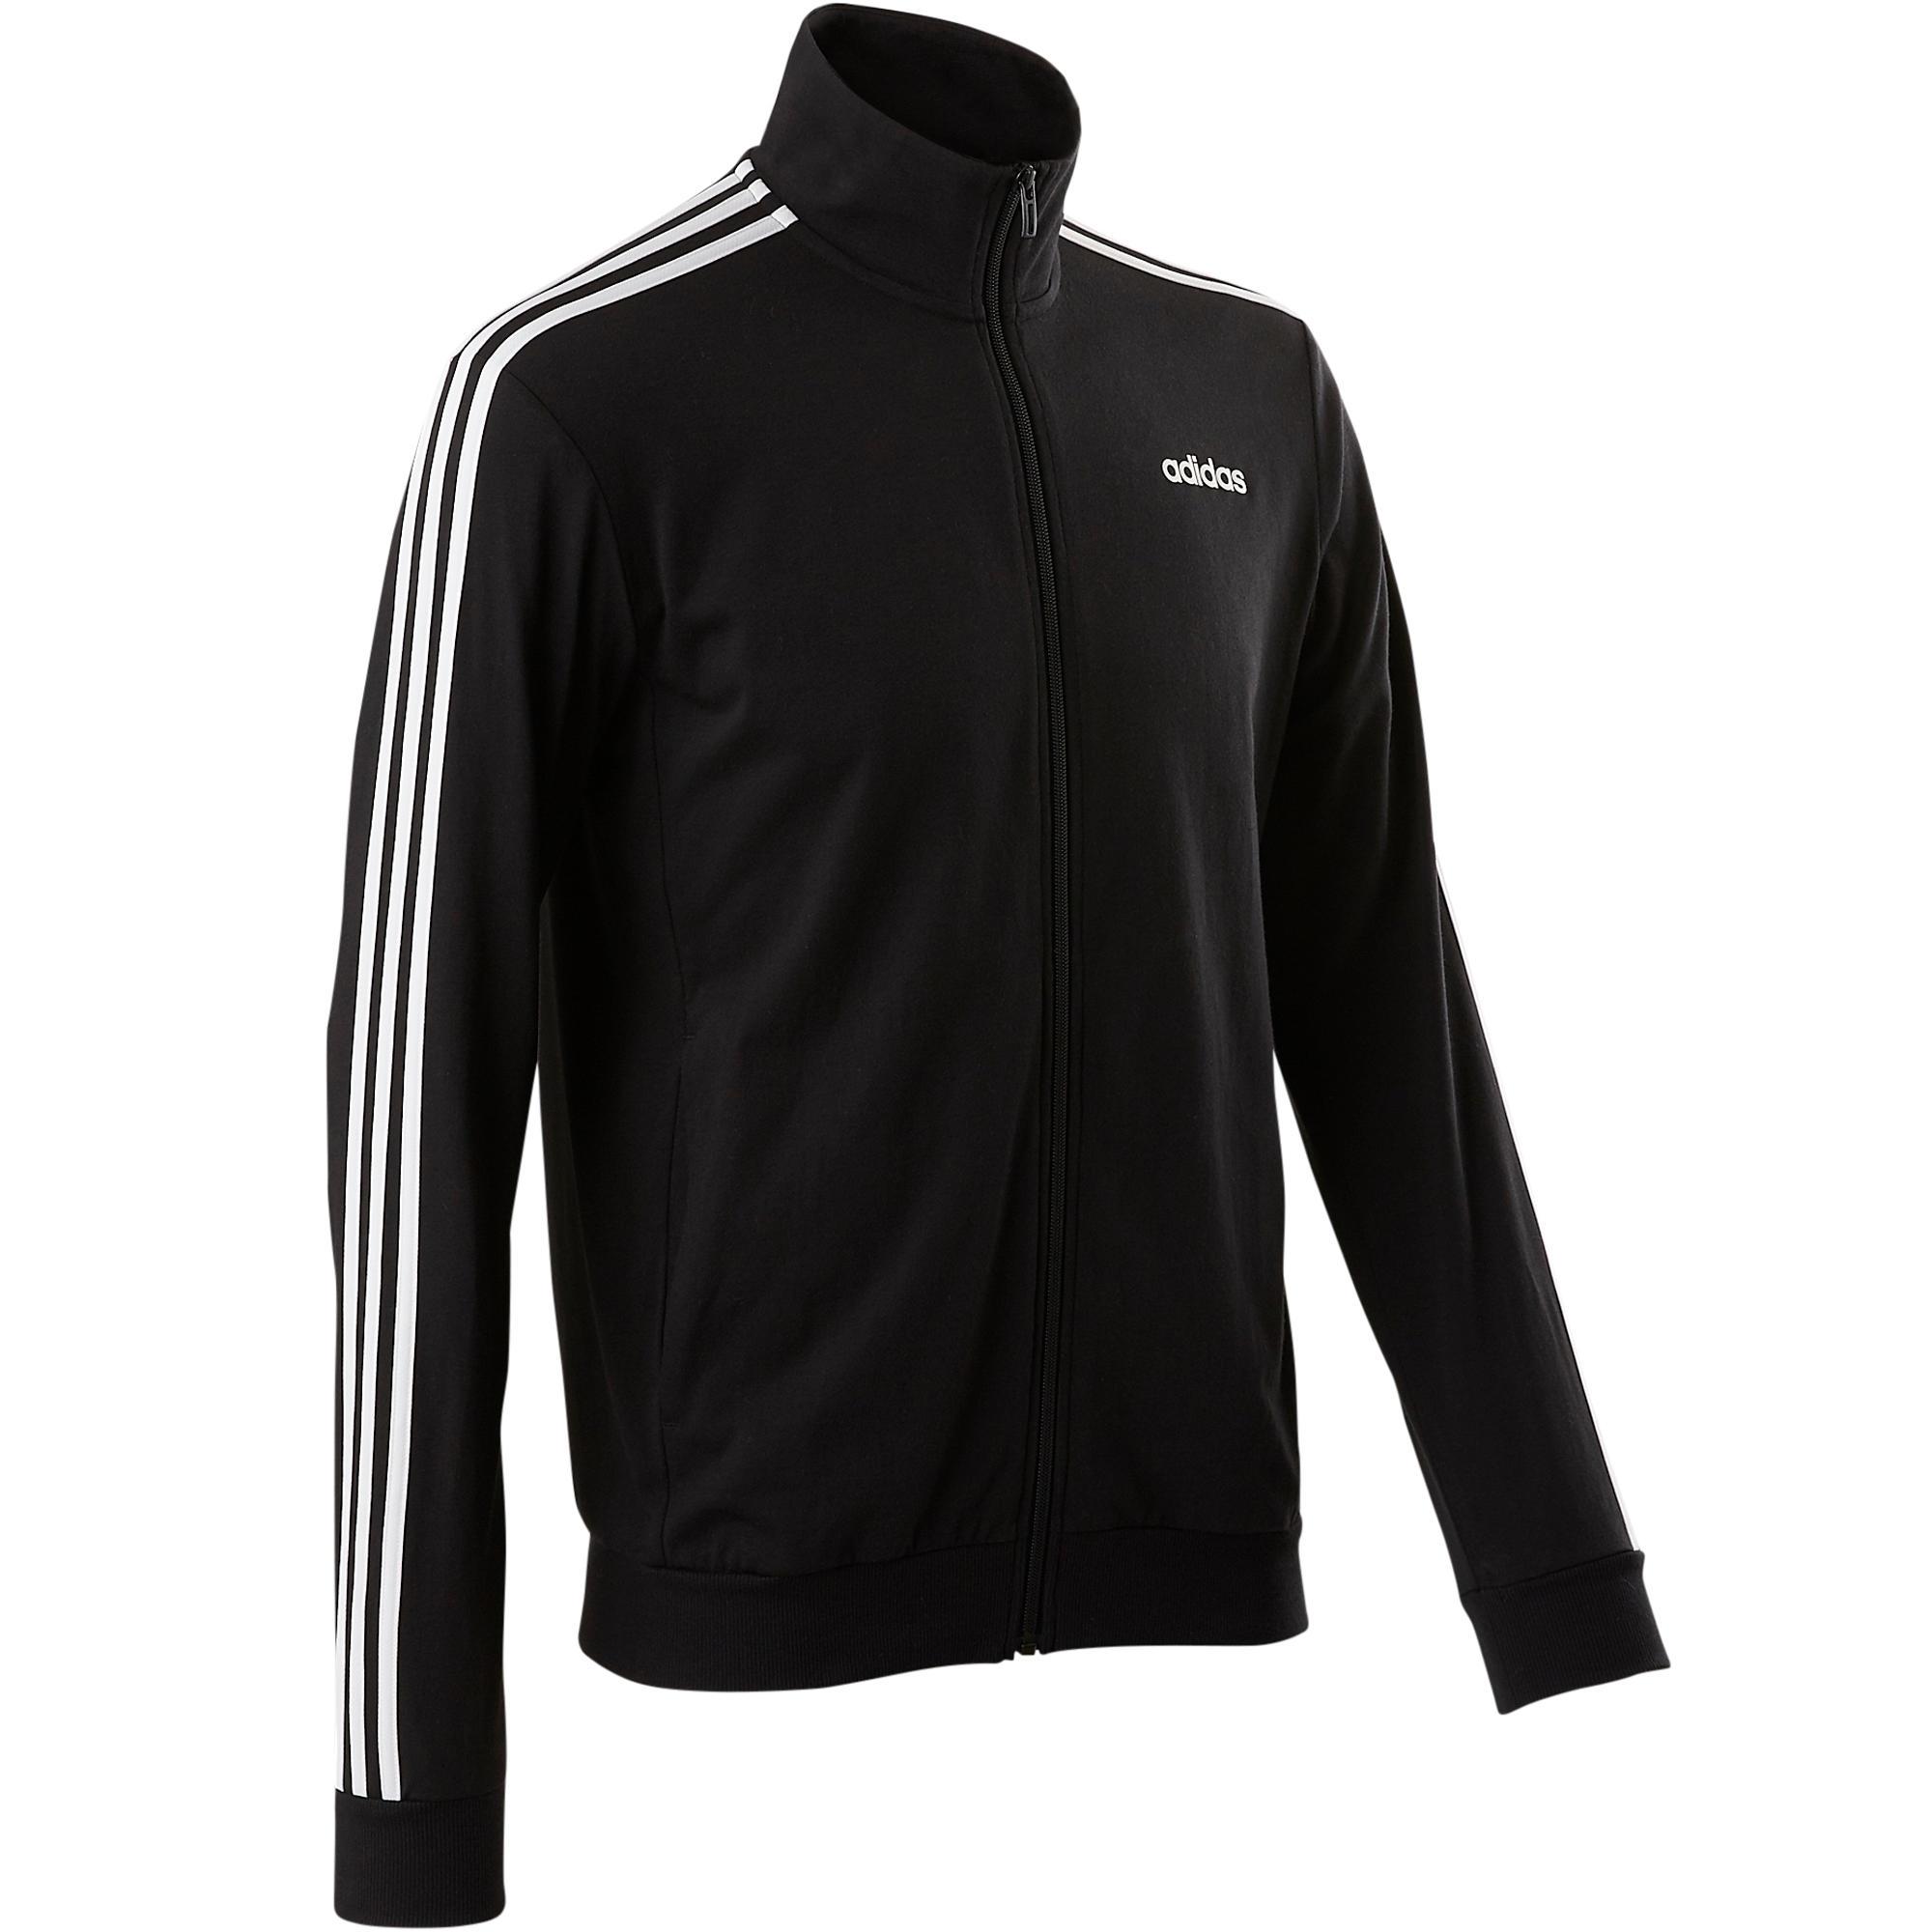 Adidas Herenvest Adidas 100 voor pilates en lichte gym zwart